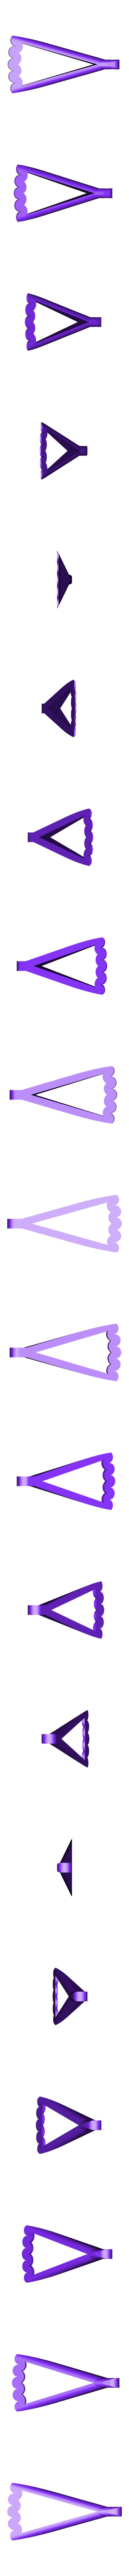 Tail.stl Download free STL file Hummingbird • 3D printing model, gzumwalt